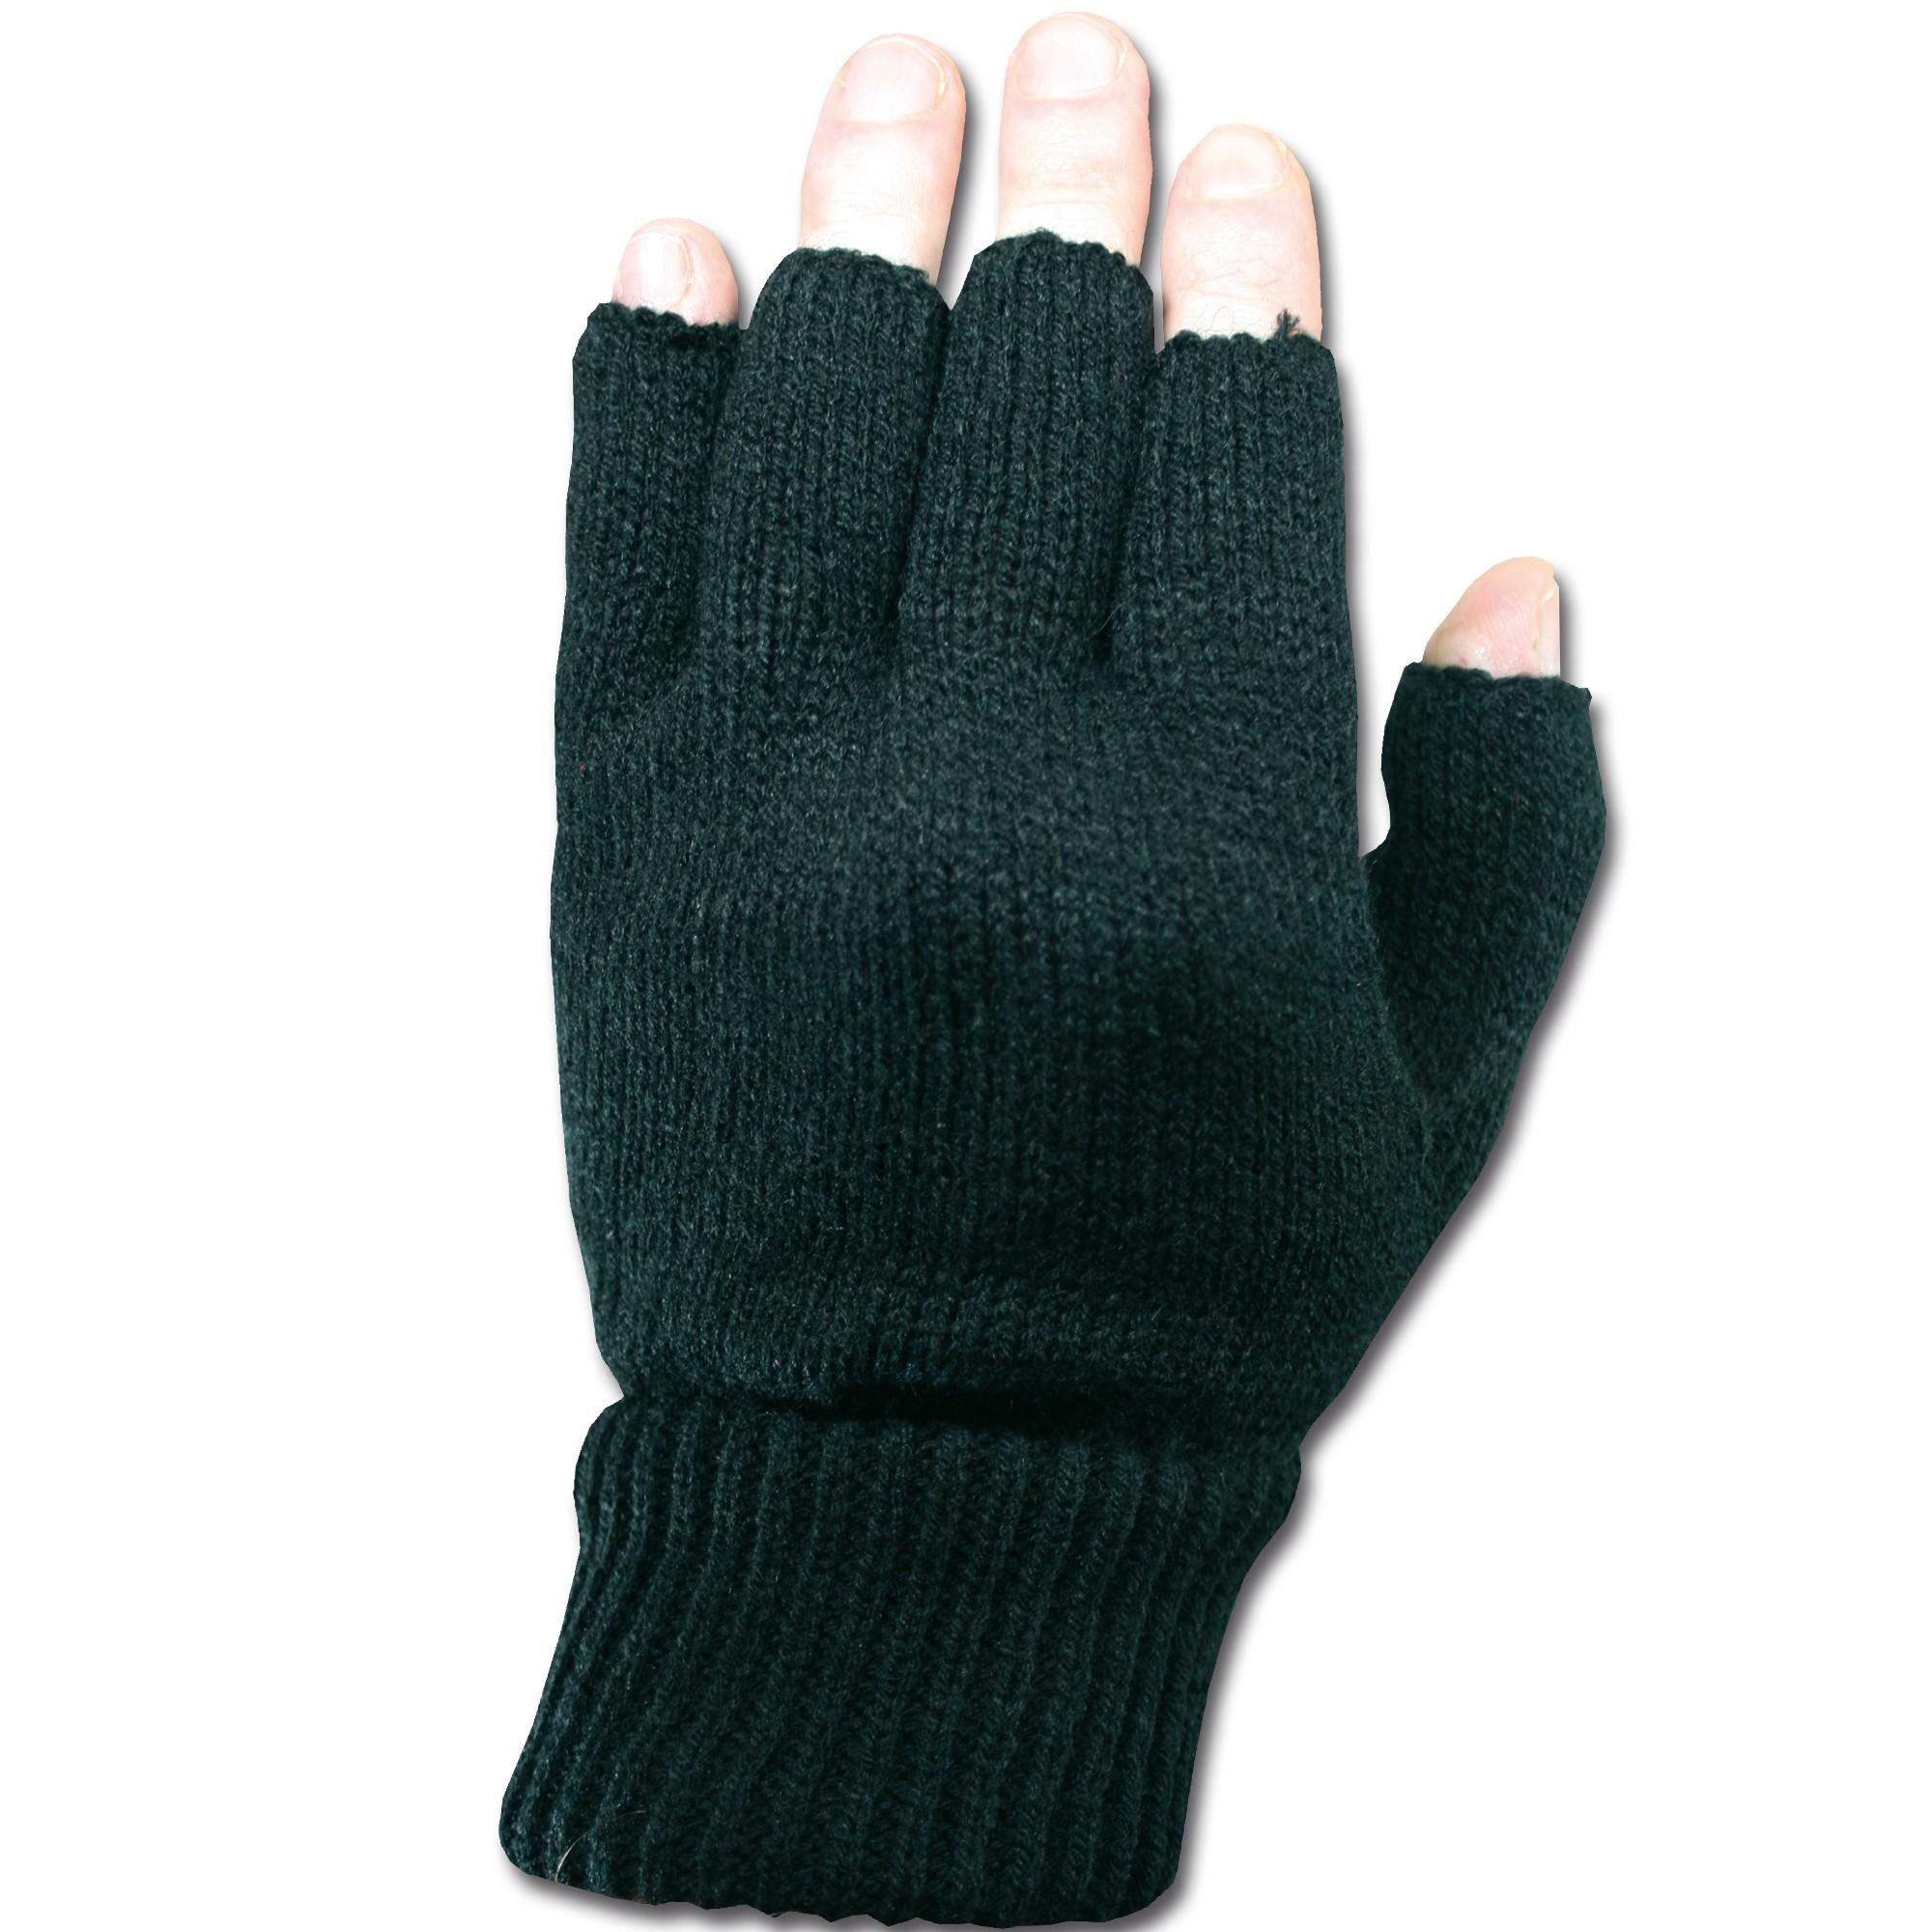 Fingerless Acrylic Gloves black